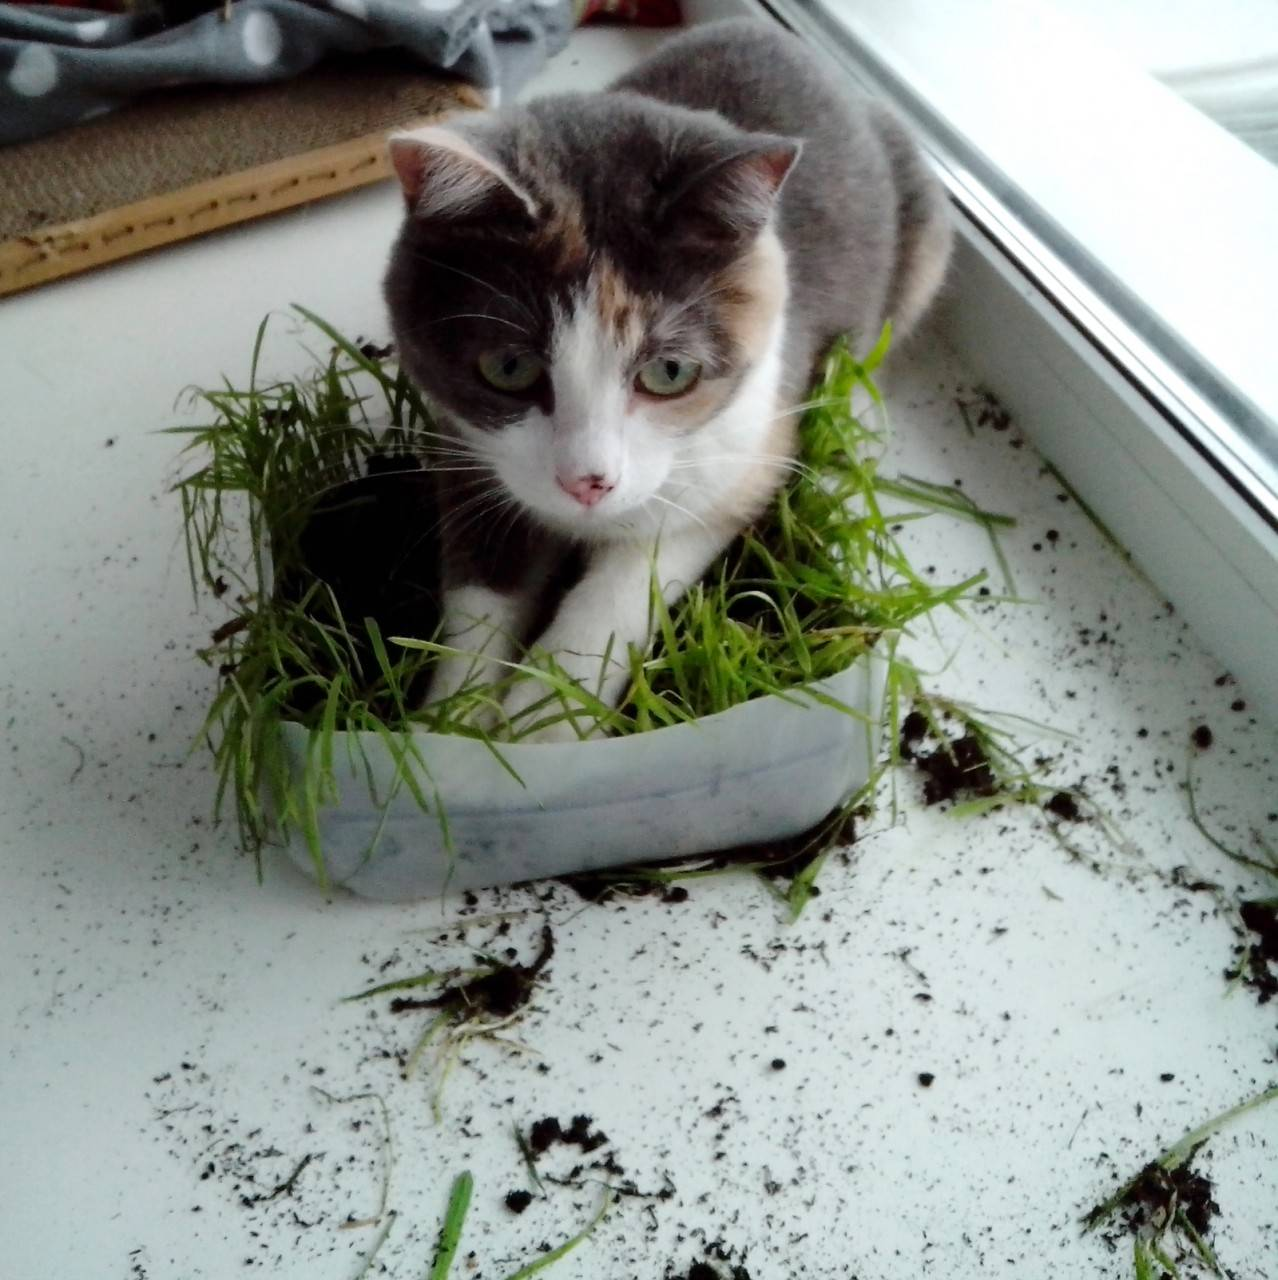 Ветеринар рассказал, почему кошки едят пакеты и какая порода самая умная